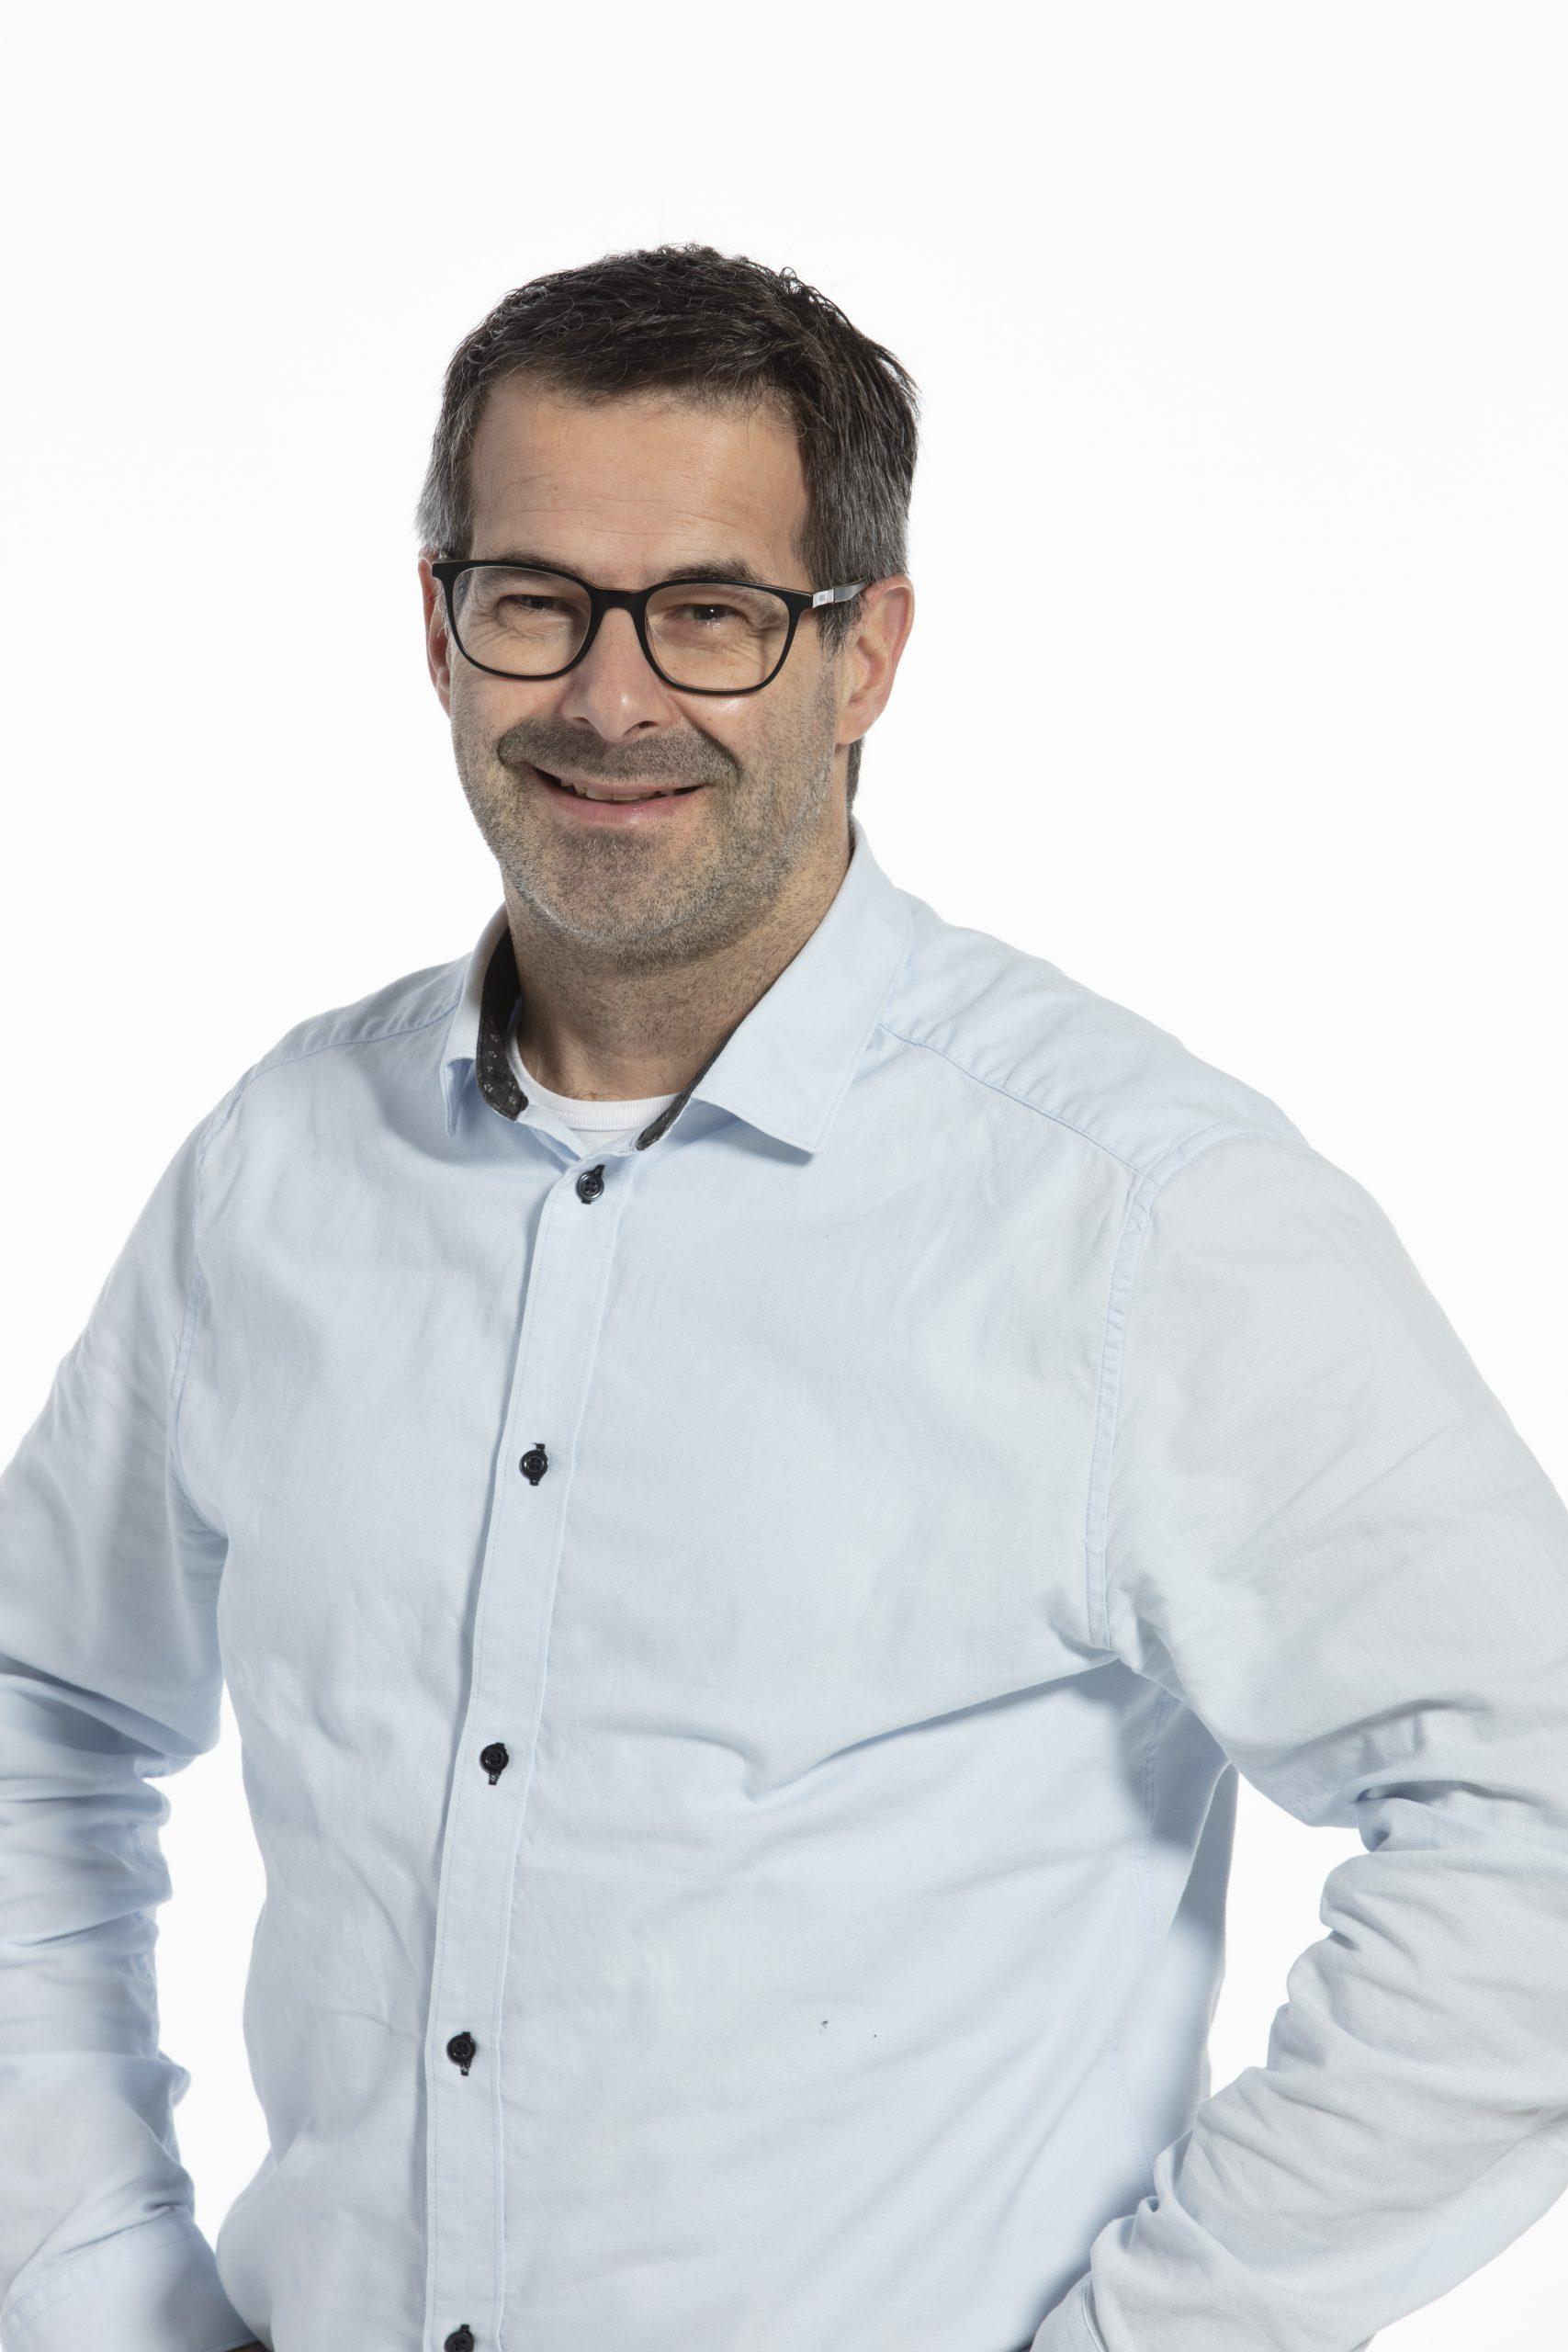 Jan Reedijk